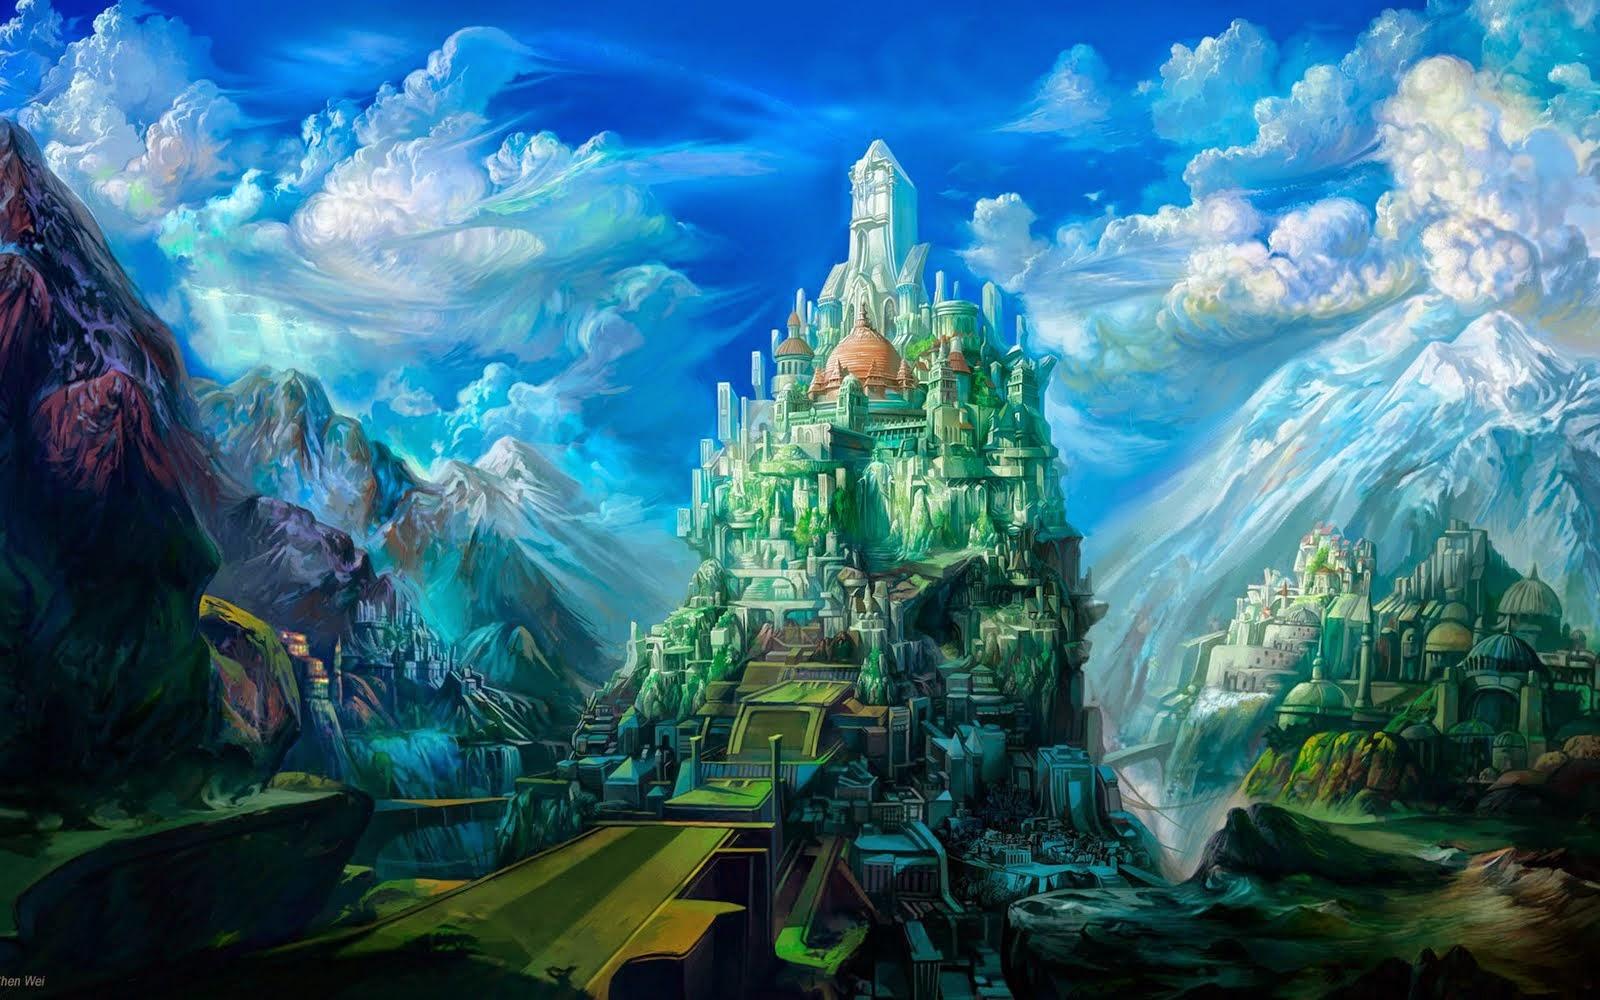 Il rifugio degli elfi paesaggi fantasy questa volta for Paesaggi fantasy immagini